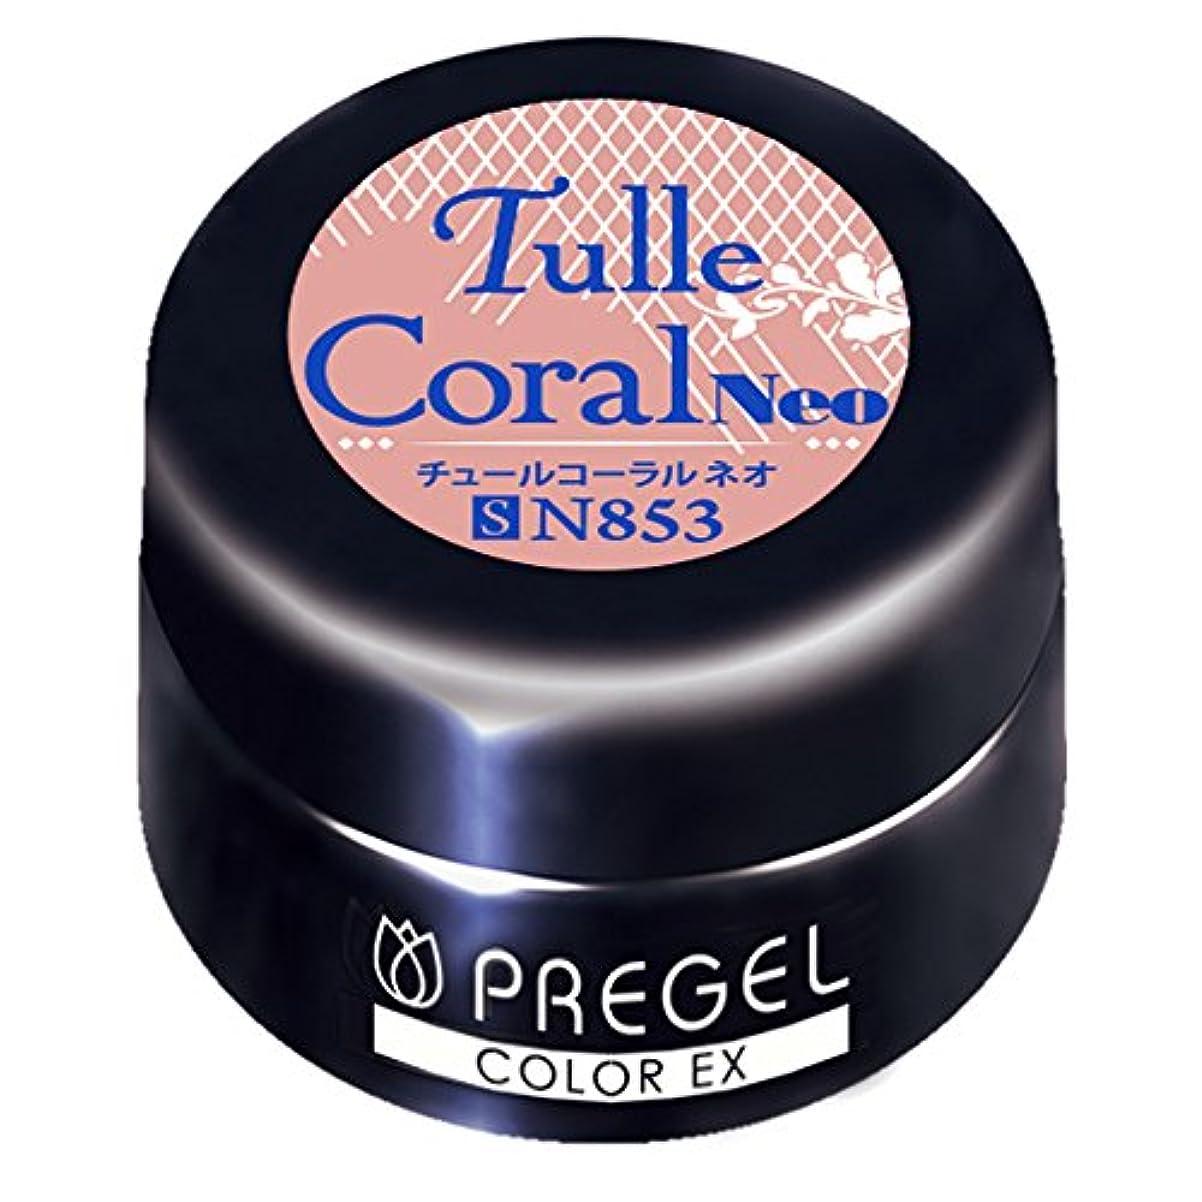 テスピアン高度成長するPRE GEL カラーEX チュールコーラルneo853 3g UV/LED対応